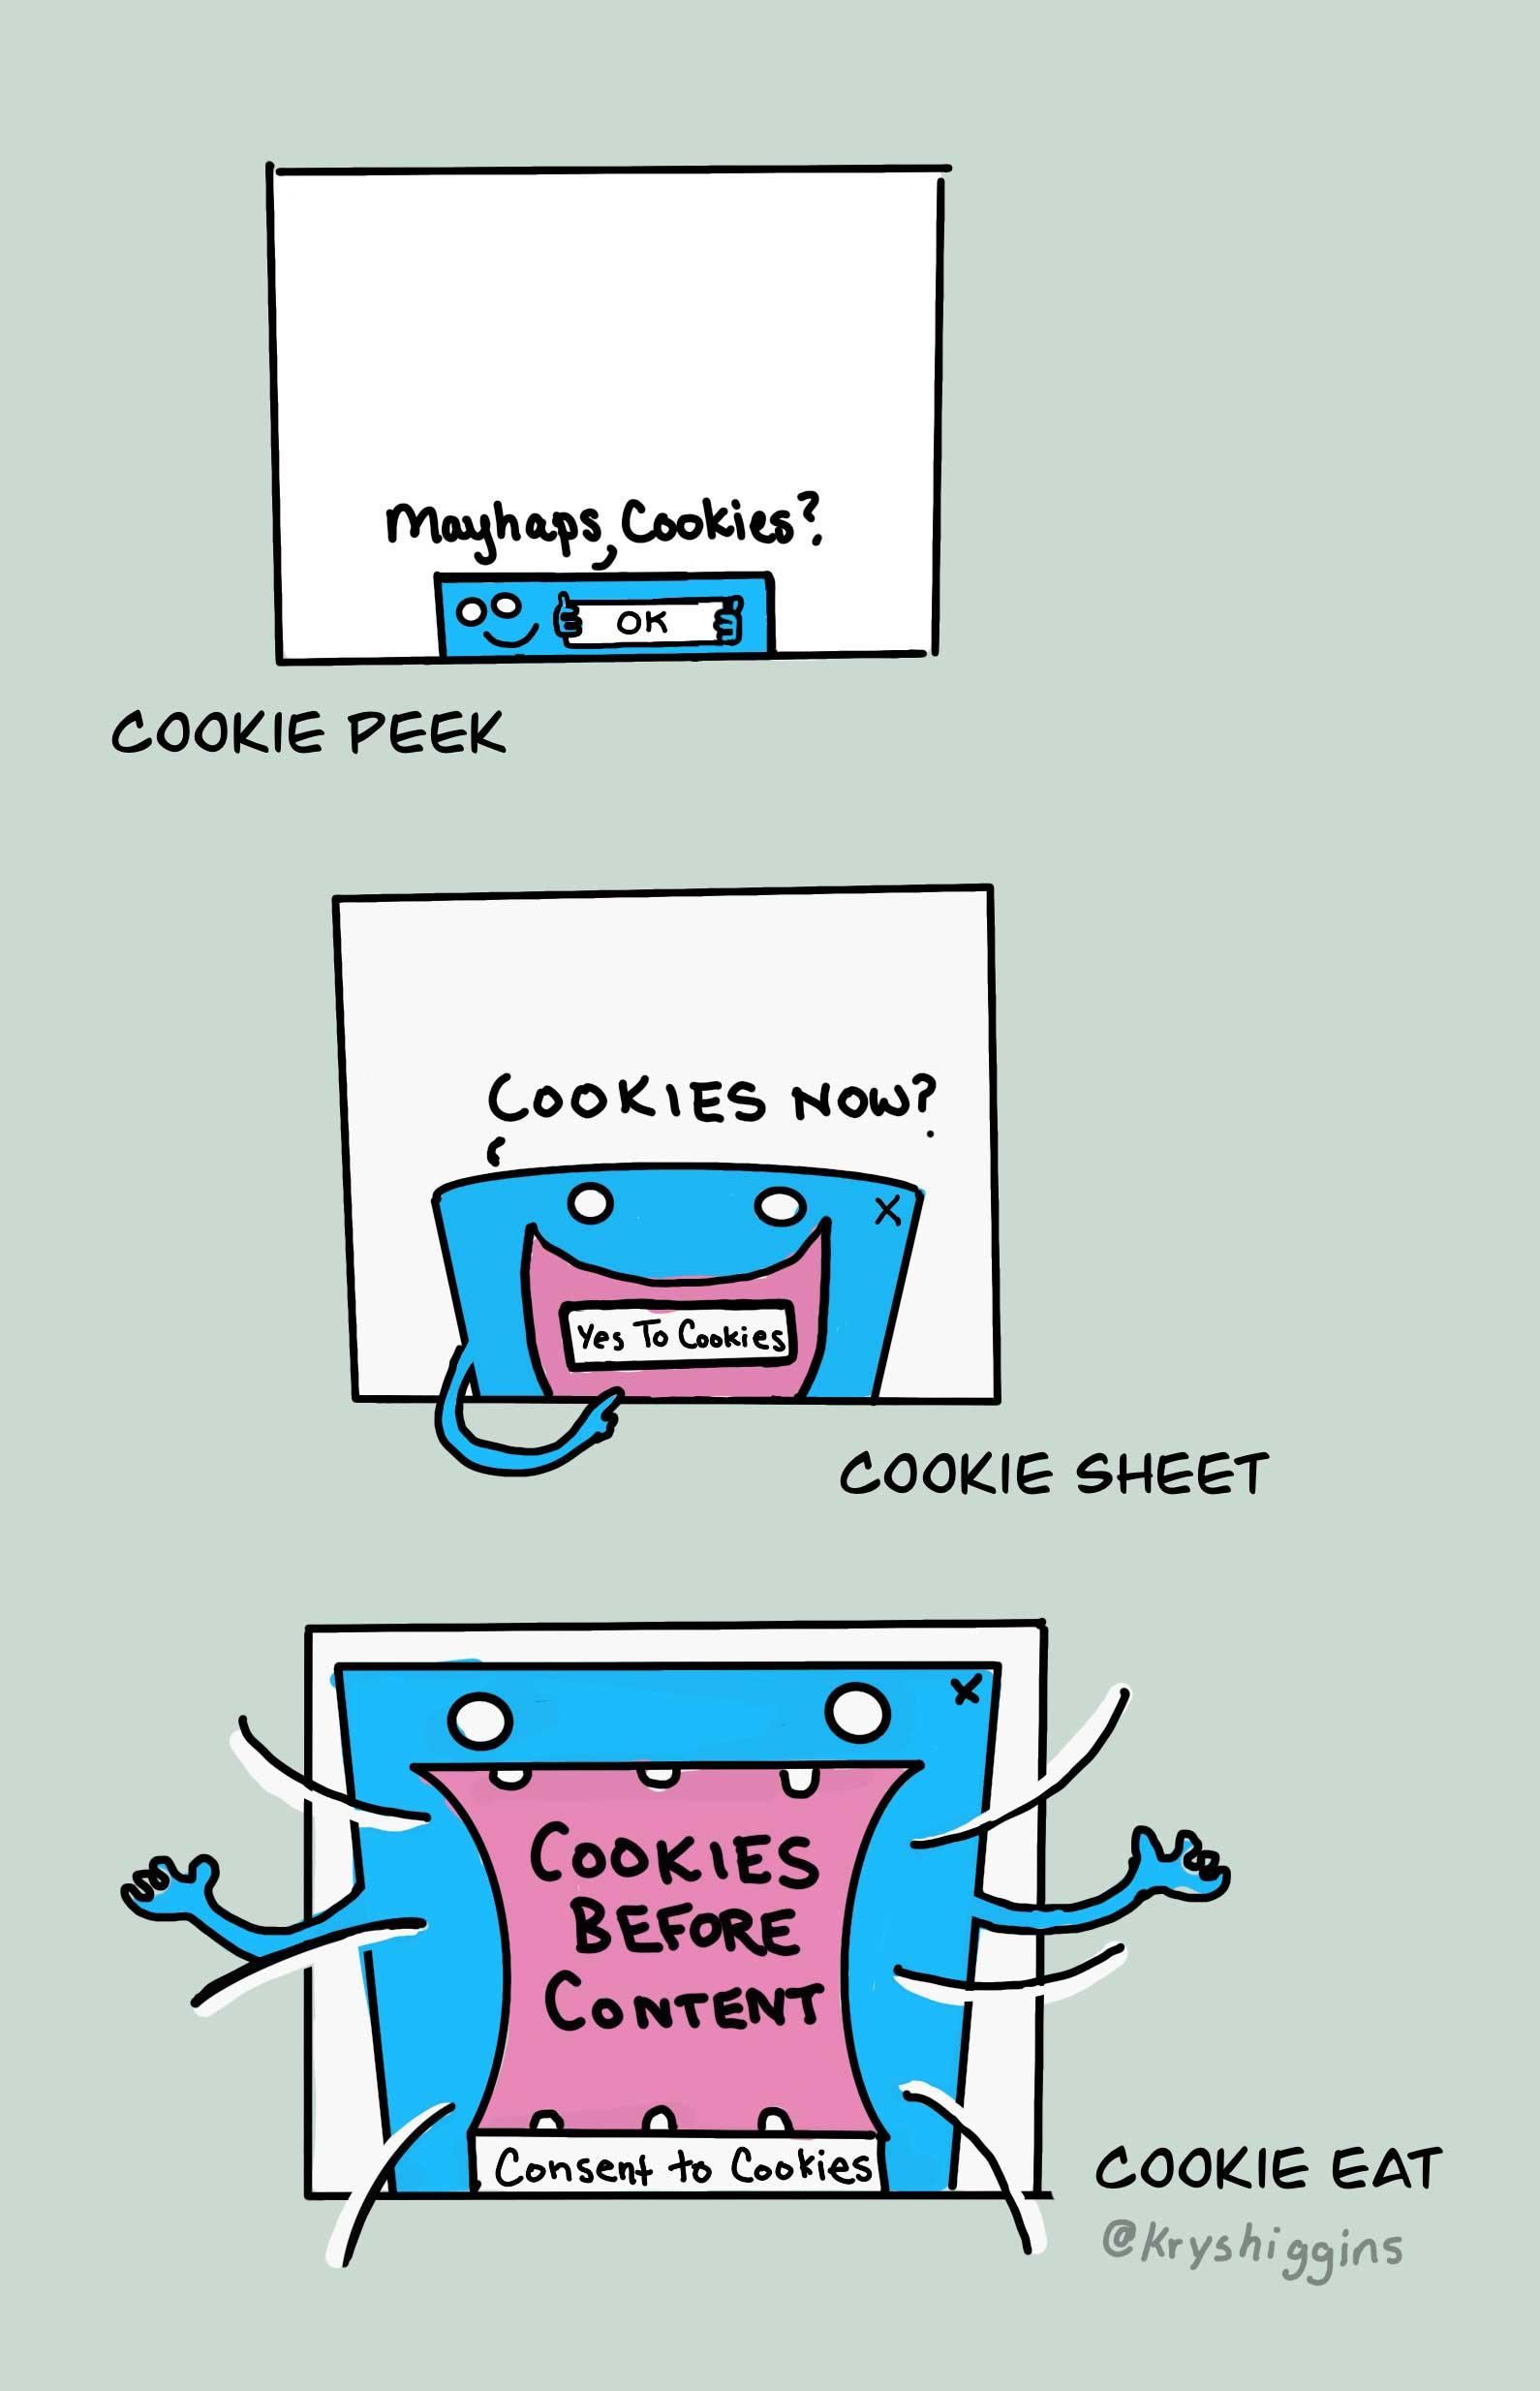 """3 ilustrações de uma página da web: A primeira (""""Cookie peek"""") mostra um pequeno banner na parte inferior da tela perguntando timidamente, """"Mayhaps cookies?""""; a segunda (""""Folha de bolinhos"""") é ligeiramente grande, com um botão para aceitar bolachas na boca; e o terceiro (""""Cookie eat"""") ocupa a tela inteira e inala tudo que está fora da página da web em sua boca enorme."""